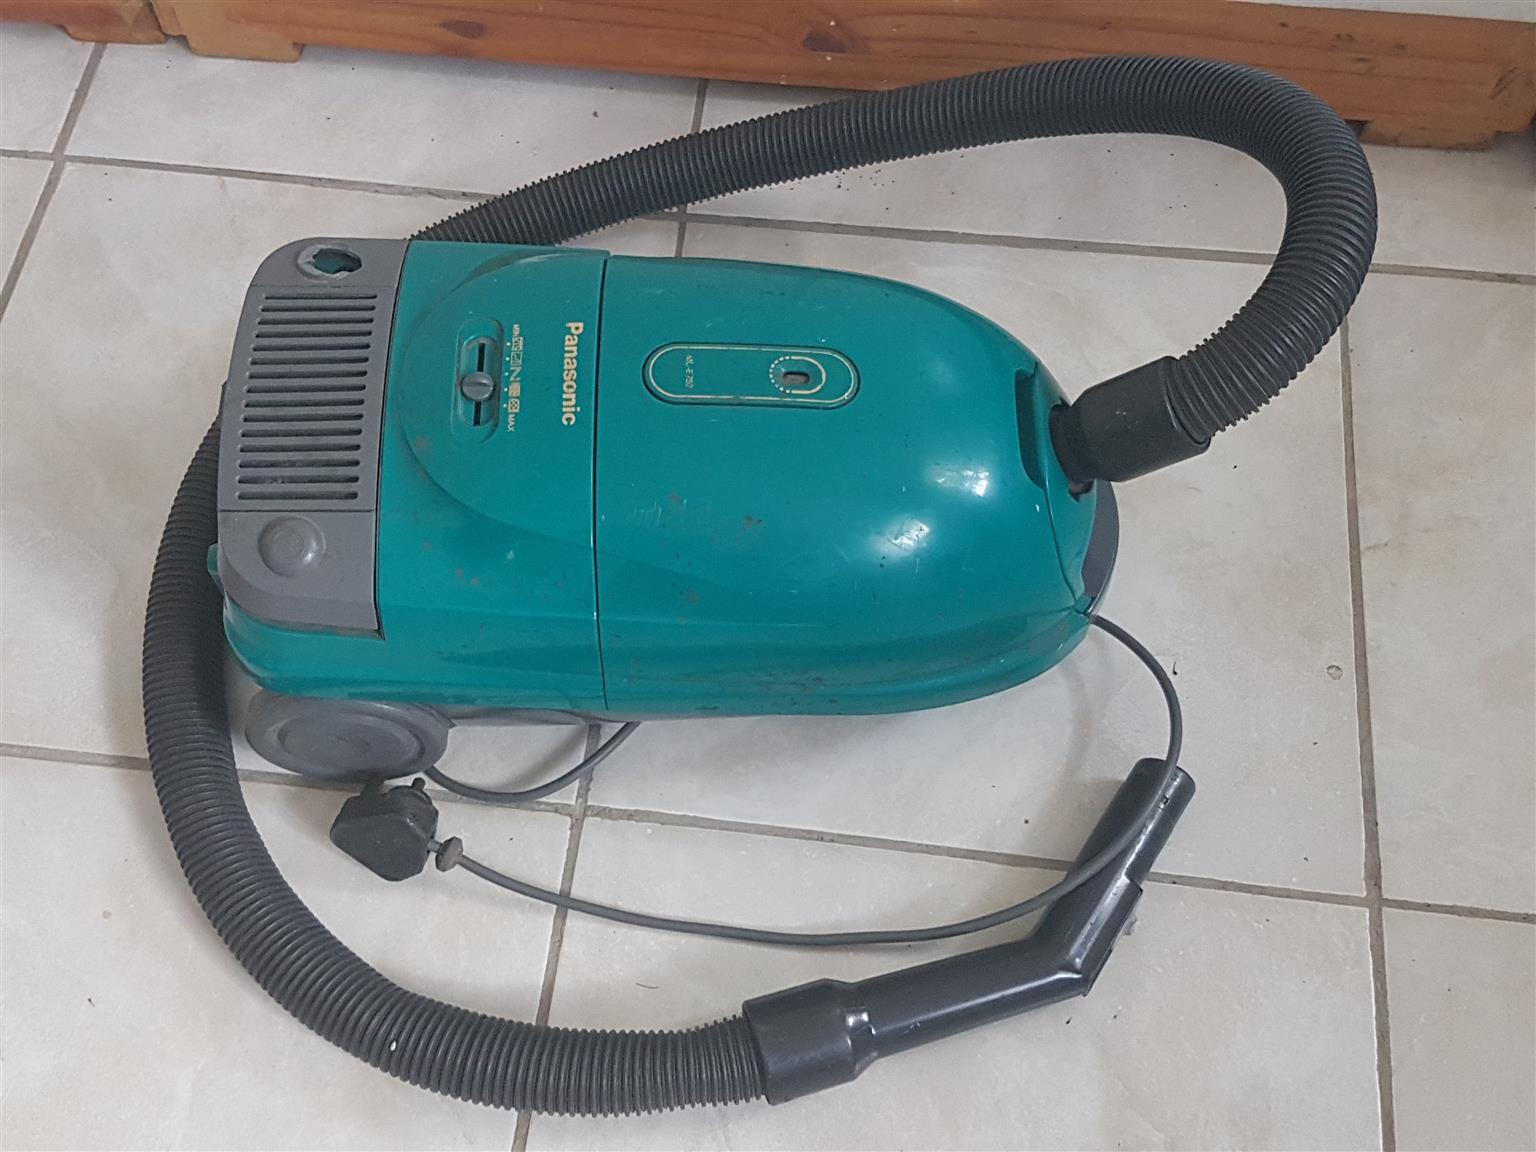 Panasonic Super Vacuum Cleaner